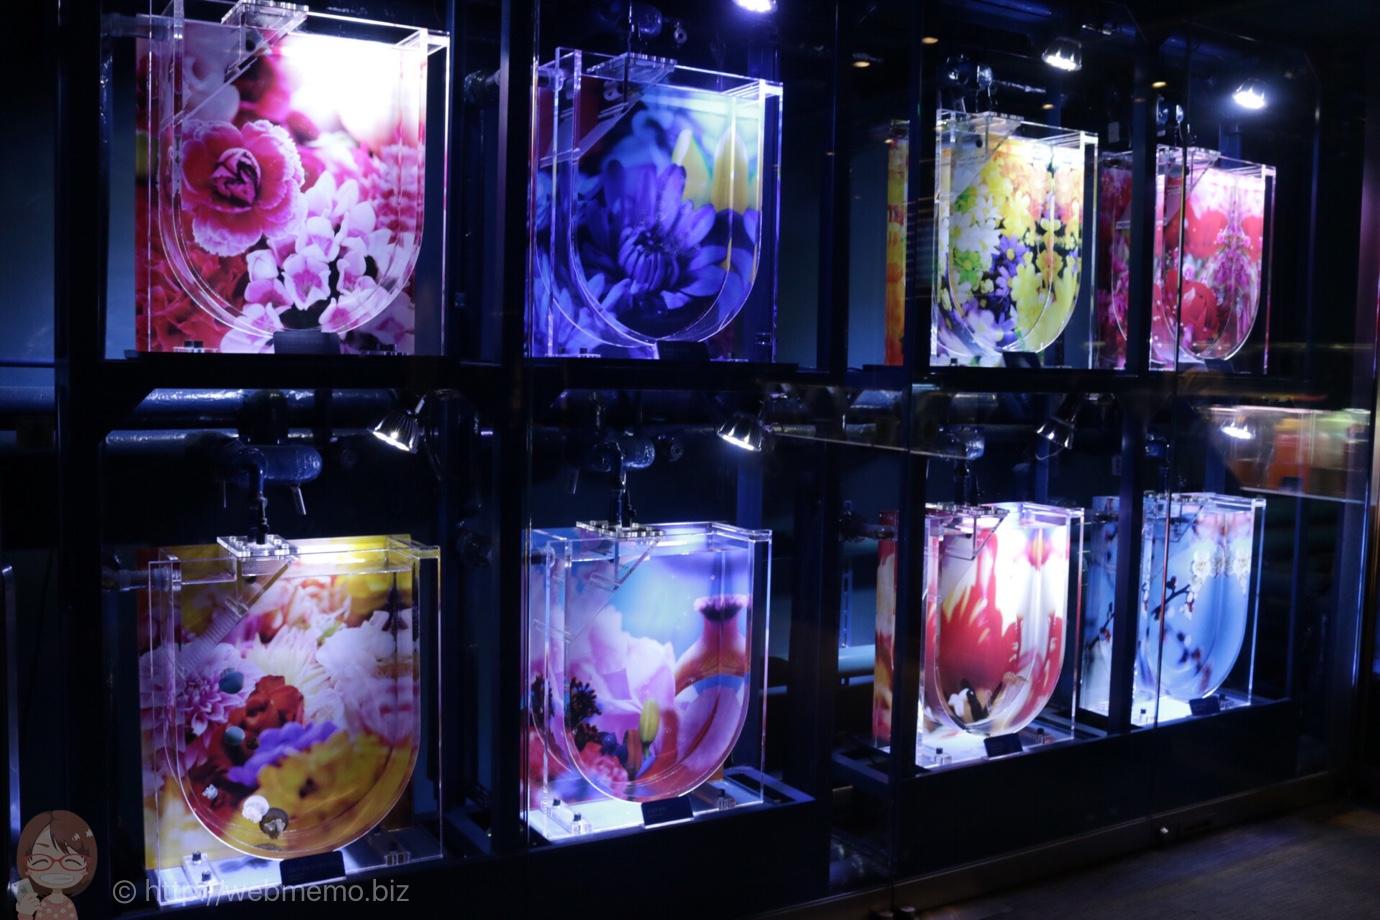 すみだ水族館の蜷川実花 × クラゲ作品に大興奮…期間限定だから早く見た方がいい!!